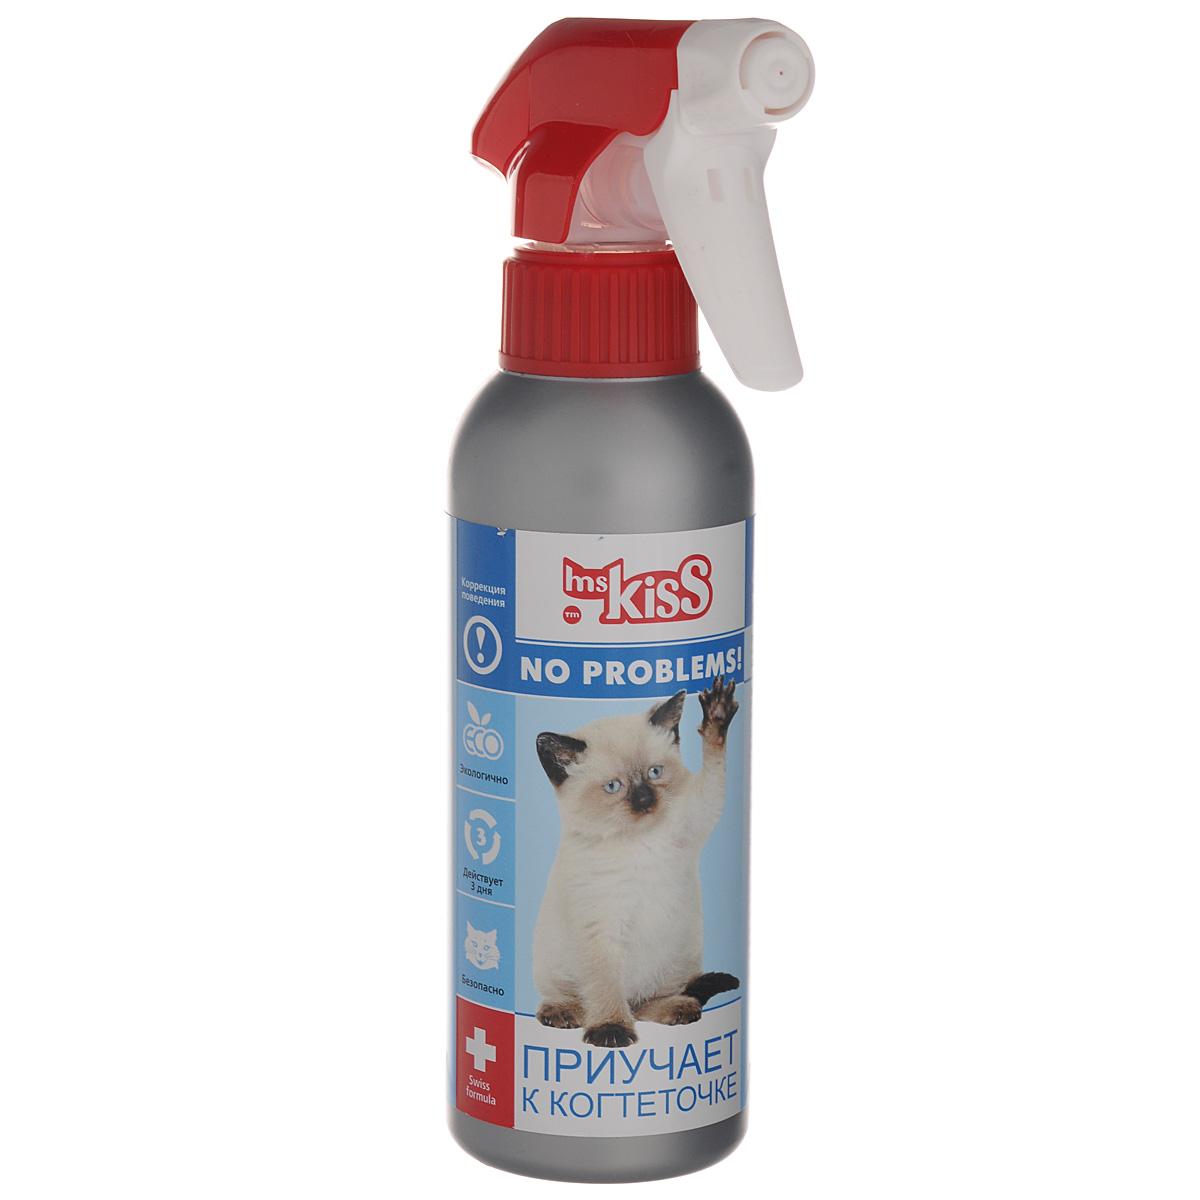 Спрей зоогигиенический для кошек Ms.Kiss Приучает к когтеточке, 200 мл0120710Средство для кошек Ms.Kiss Приучает к когтеточке поможет справиться с вредной привычкой домашней любимицы поточить свои когти об обои и мебель. Спрей предназначен для облегчения ухода за котятами и взрослыми кошками. После его использования ваша киска будет точить когти только в положенном месте. Способ применения: Встряхнуть флакон перед применением. Обработать спреем соответствующие места и предметы. Дать обнюхать когтеточку. Обработку повторять по мере необходимости. Помните, главным при обучении питомиц является постоянство ваших усилий, терпение и комплексный подход. Меры предосторожности: Избегать попадания в глаза. После обработки вымыть руки с мылом. Хранить отдельно от пищевых продуктов, в местах, недоступных детям и домашним животным при температуре от -5°С до +30°С. Использовать только по назначению. Состав: вода подготовленная, эмульгатор, масло котовника, экстракт валерианы, консерванты. Объем: 200 мл.Товар сертифицирован.